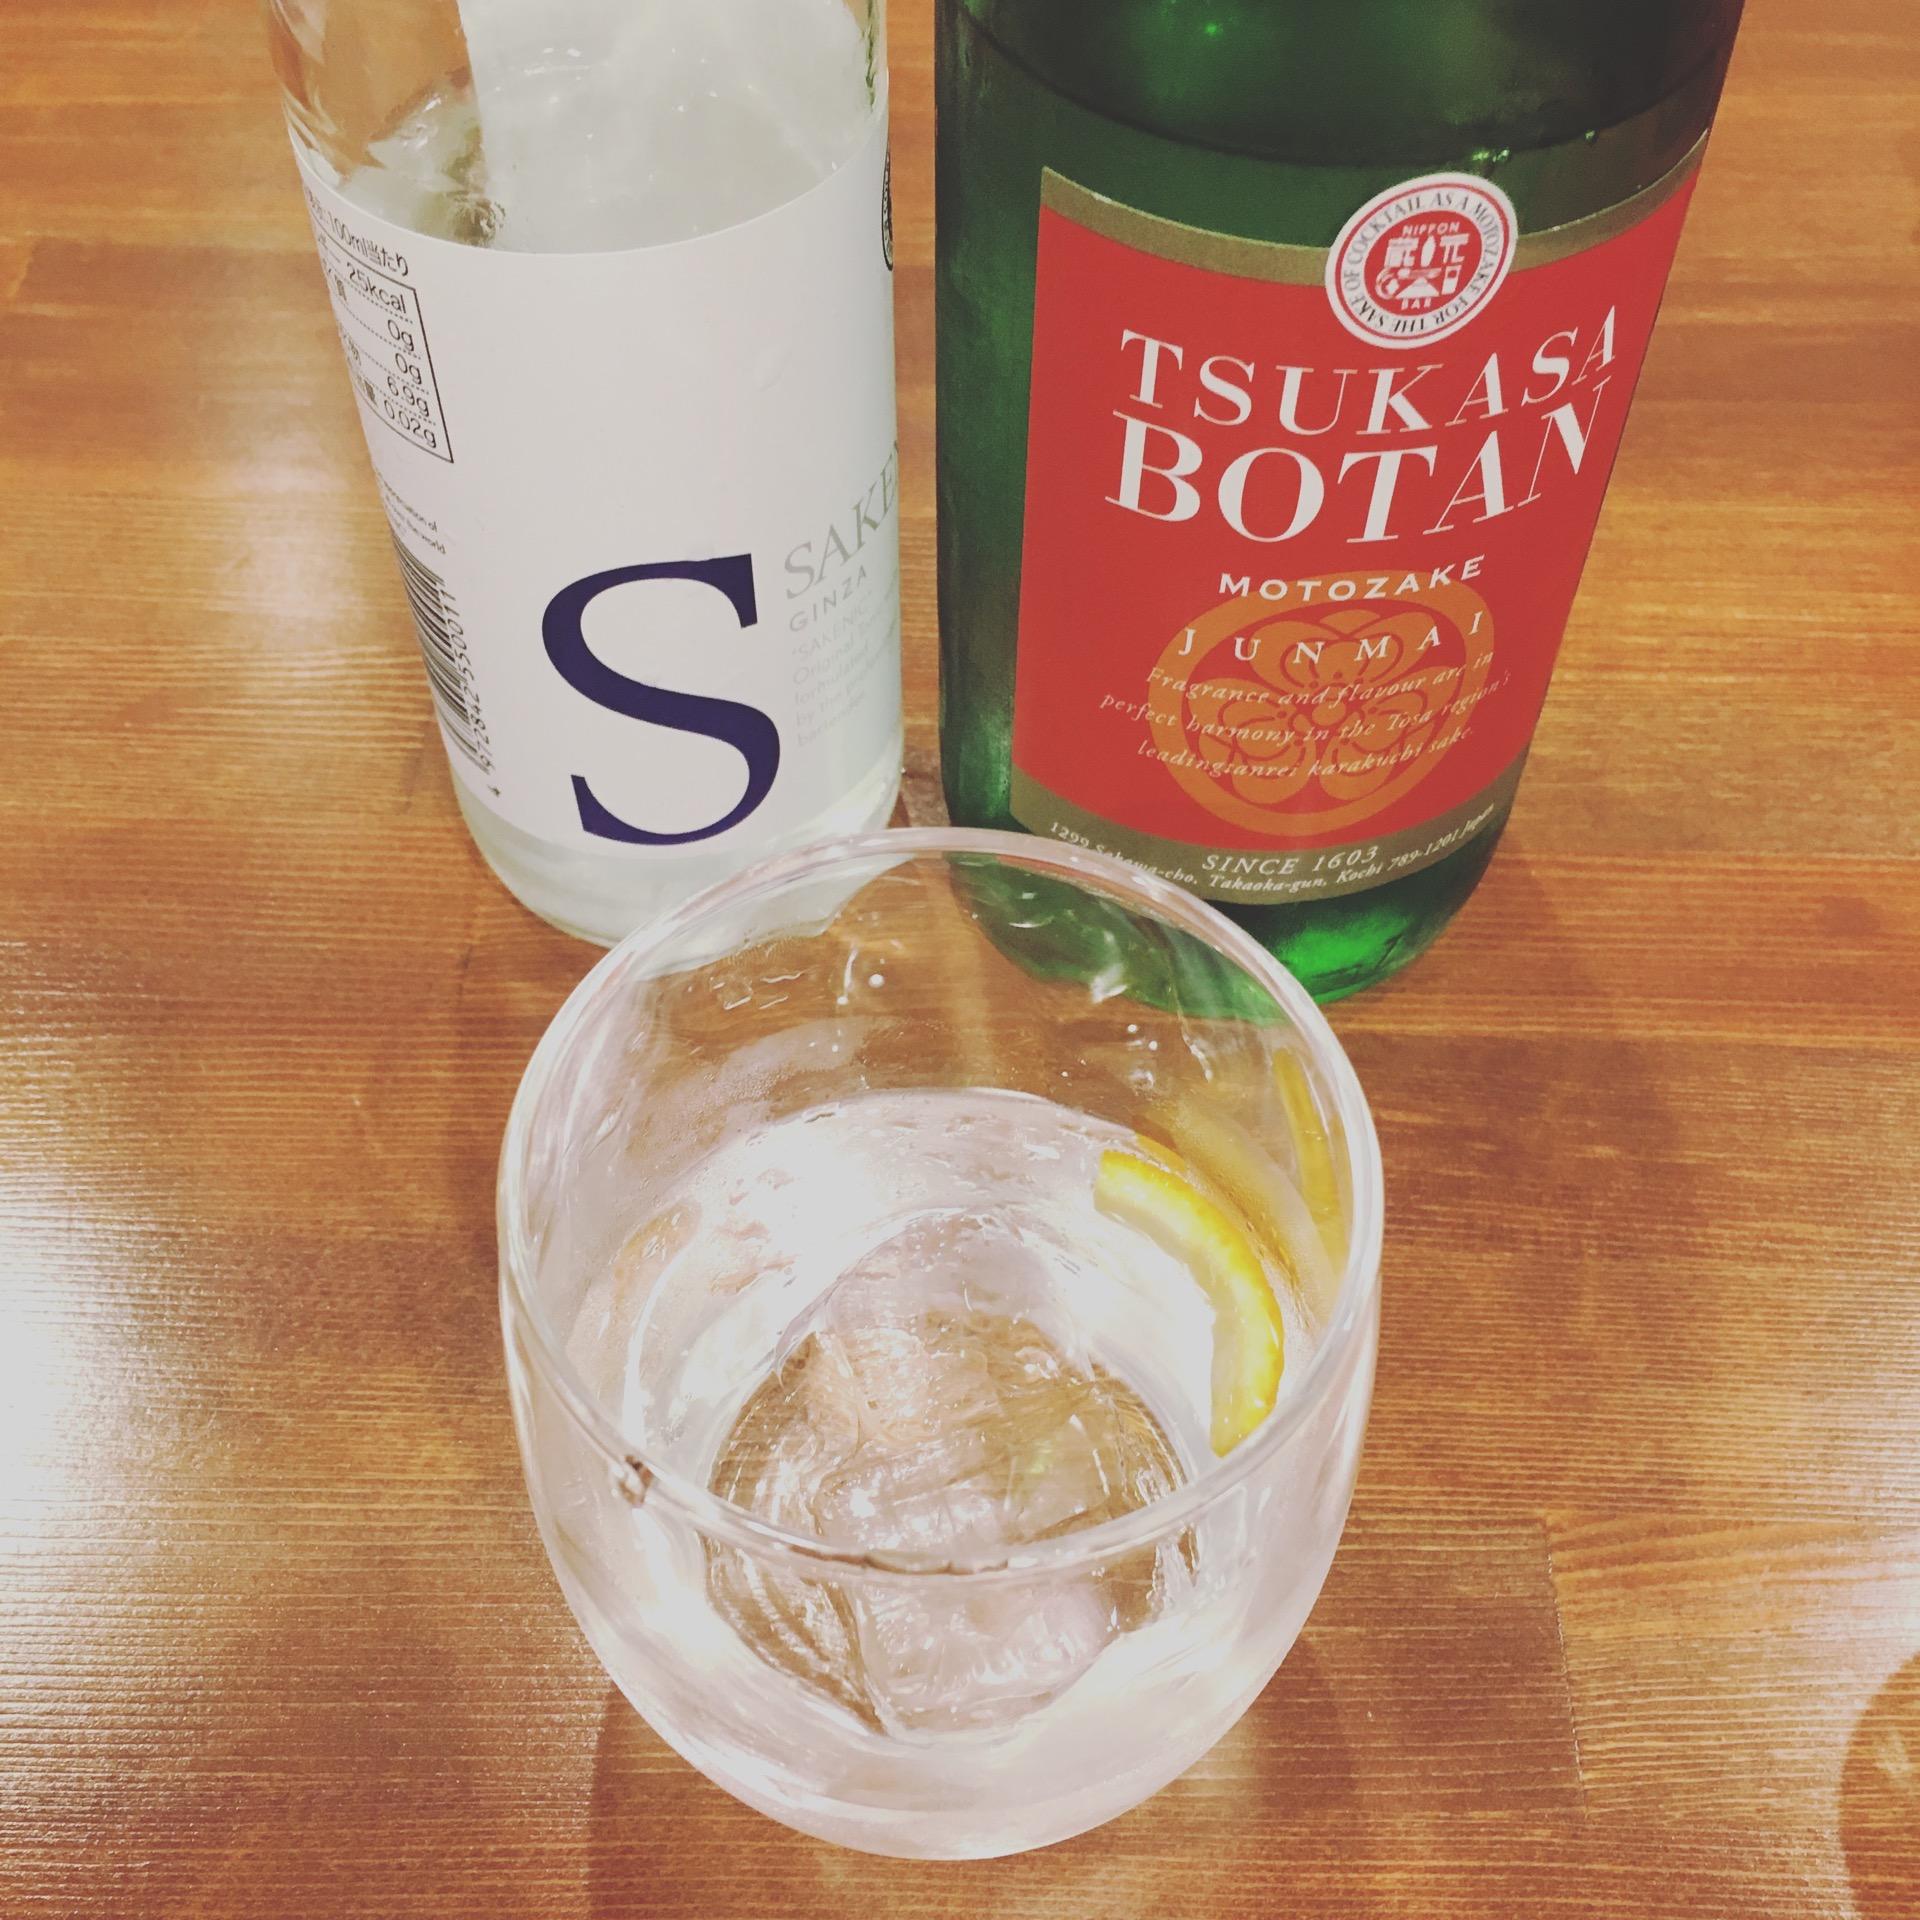 Tsukasa Botan Motozake Junmai で日本酒カクテル|日本酒テイスティングノート